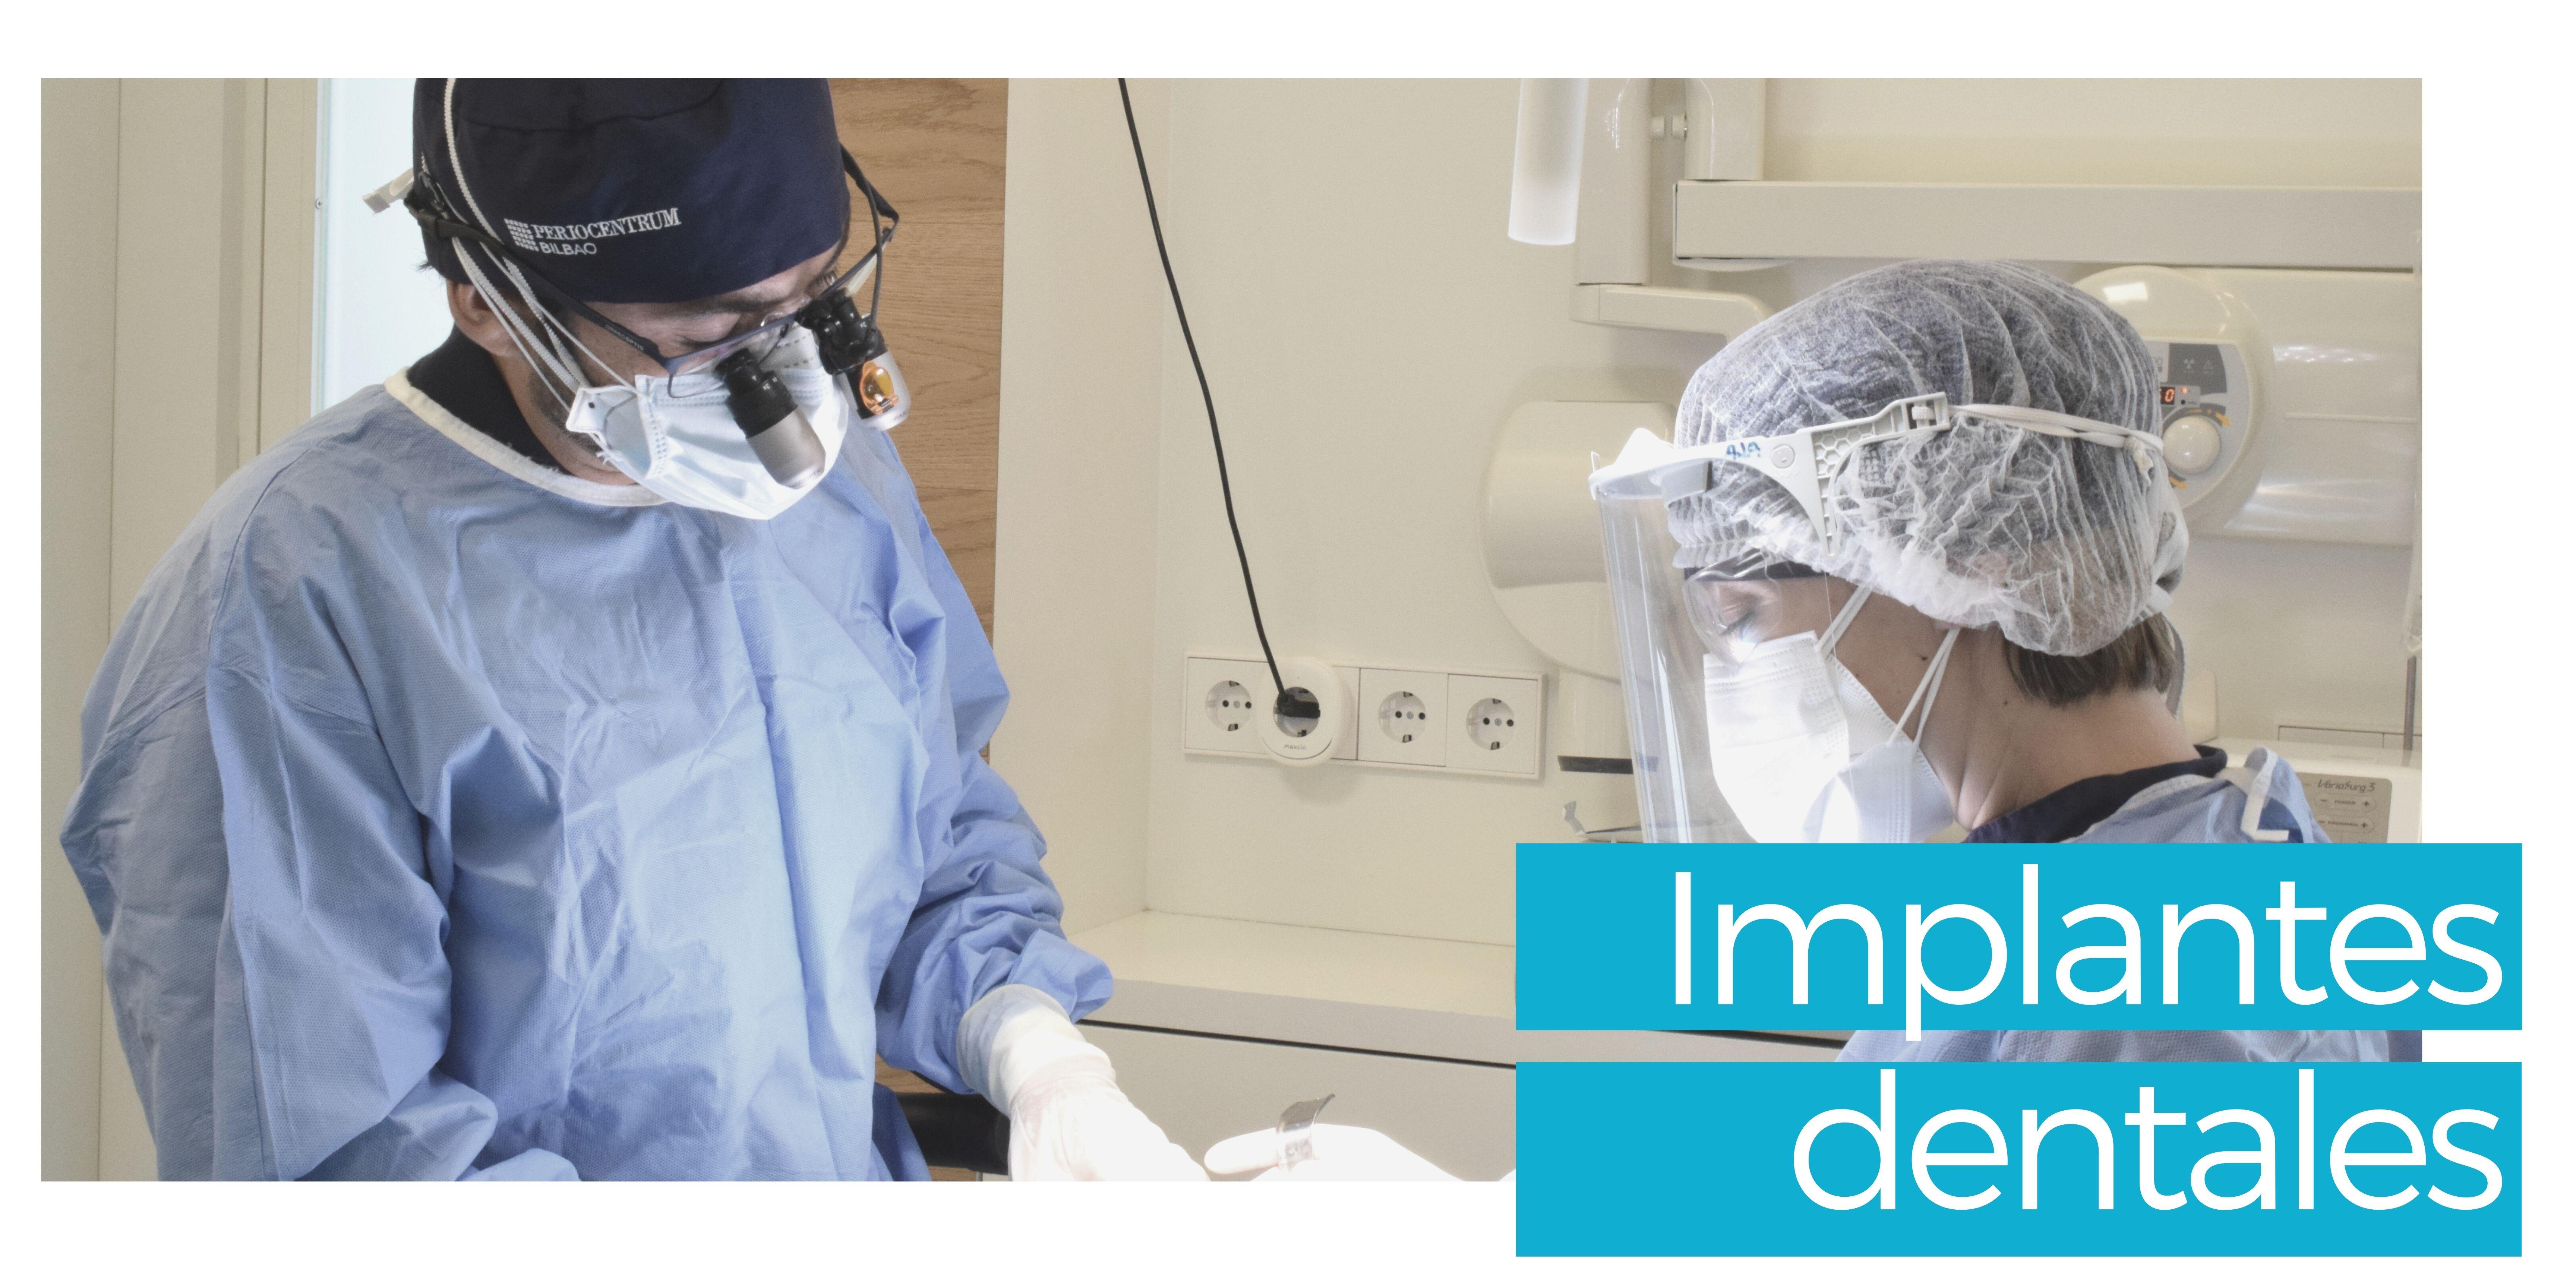 banner implantes foto alberto y monica